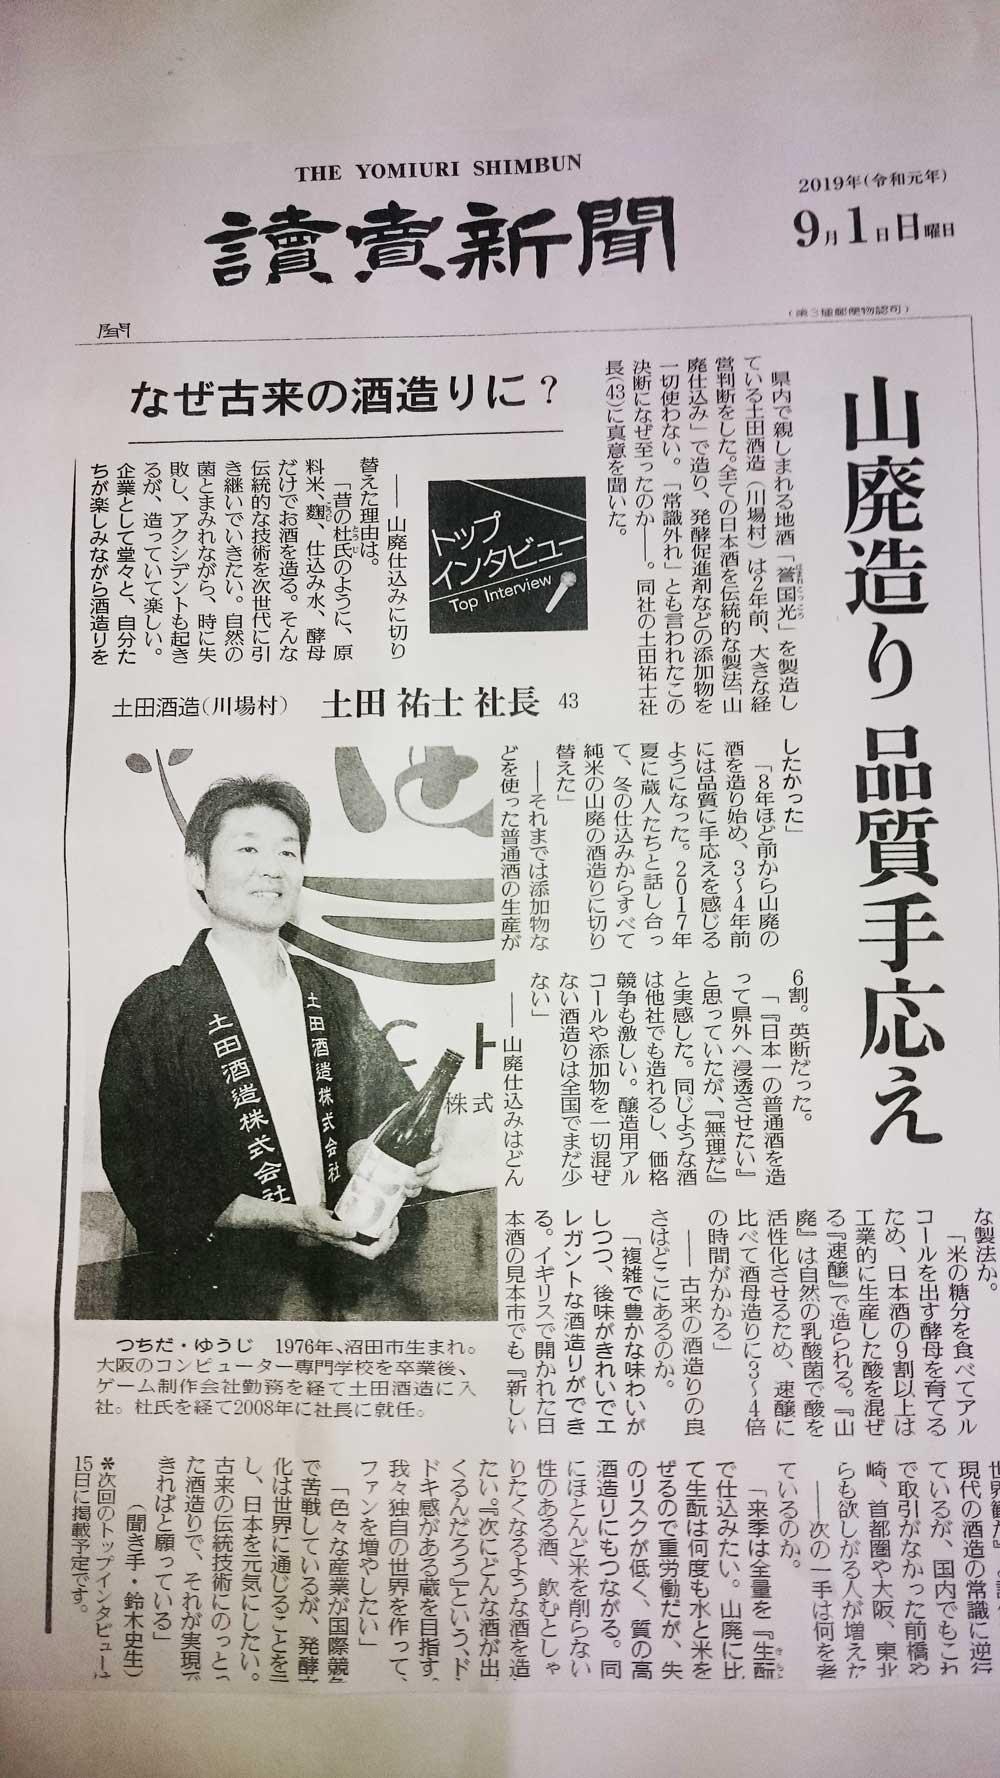 土田 純米吟醸 菩提もとx山廃もとの新聞の画像